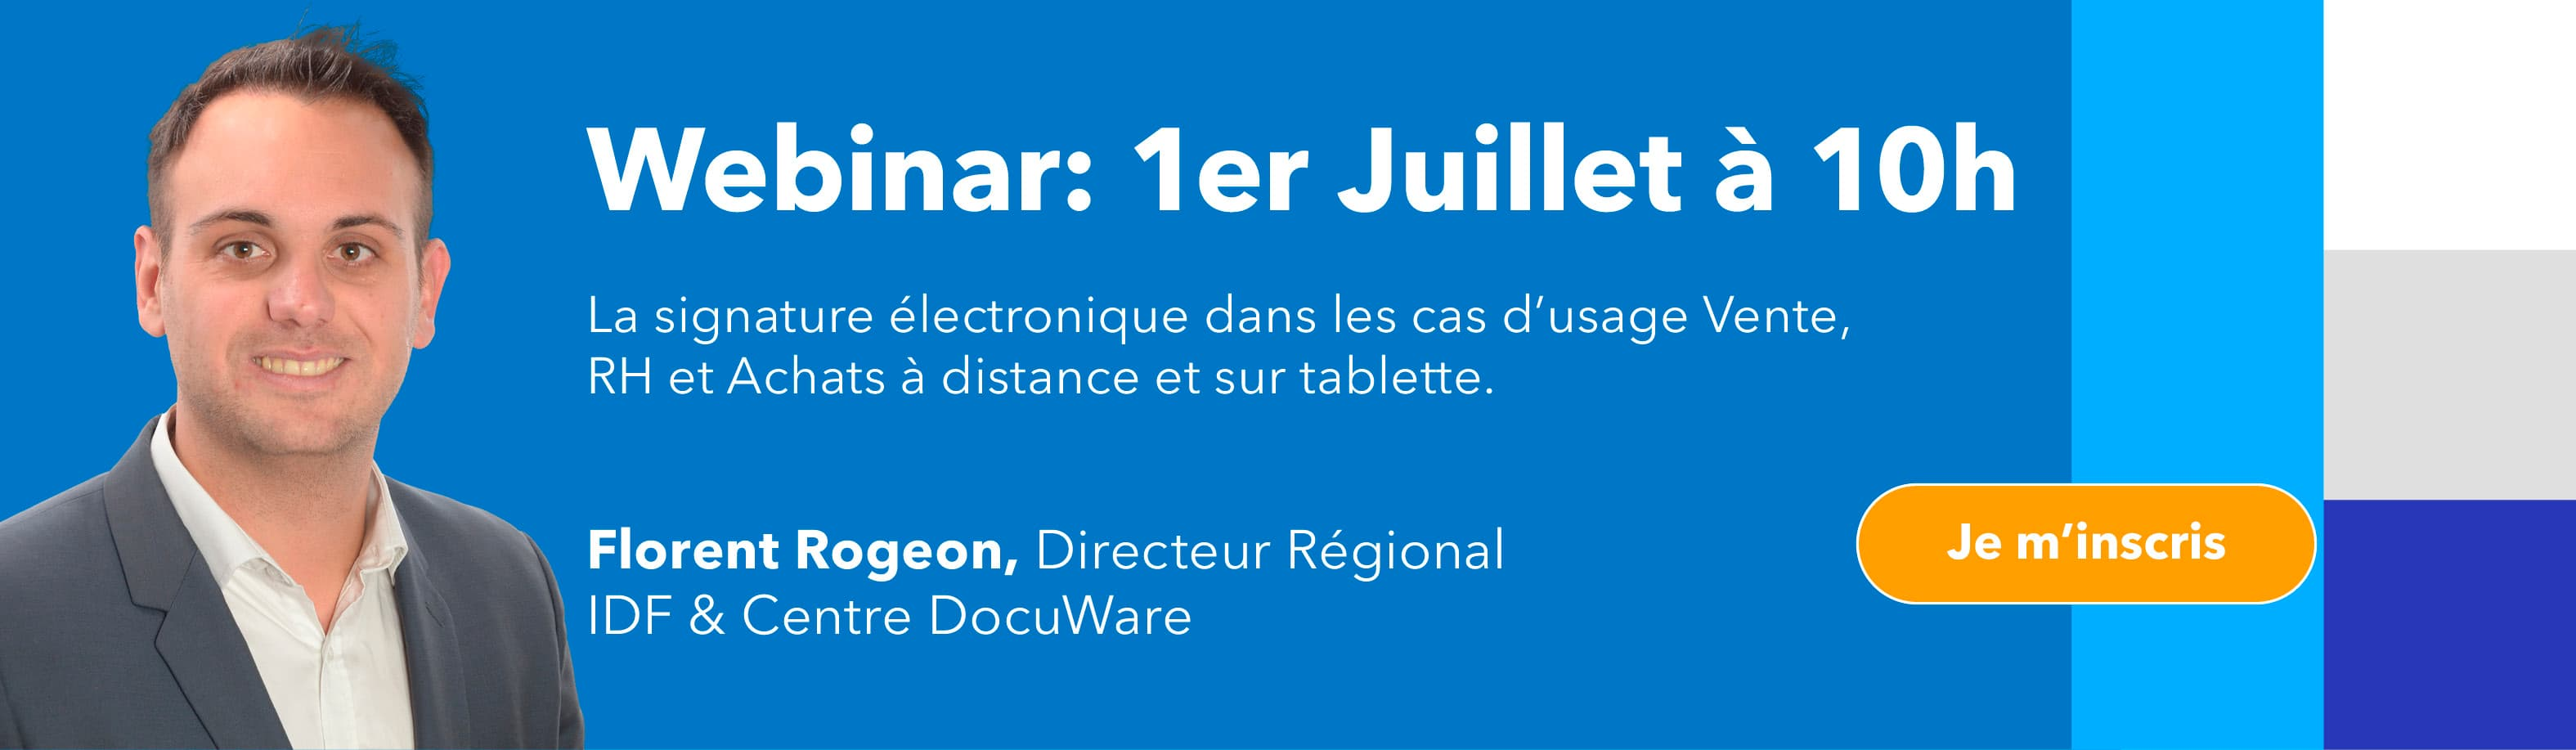 FR-Webinar-2021-07-Florent-parle-signature-electronique-E-Mail-Signature